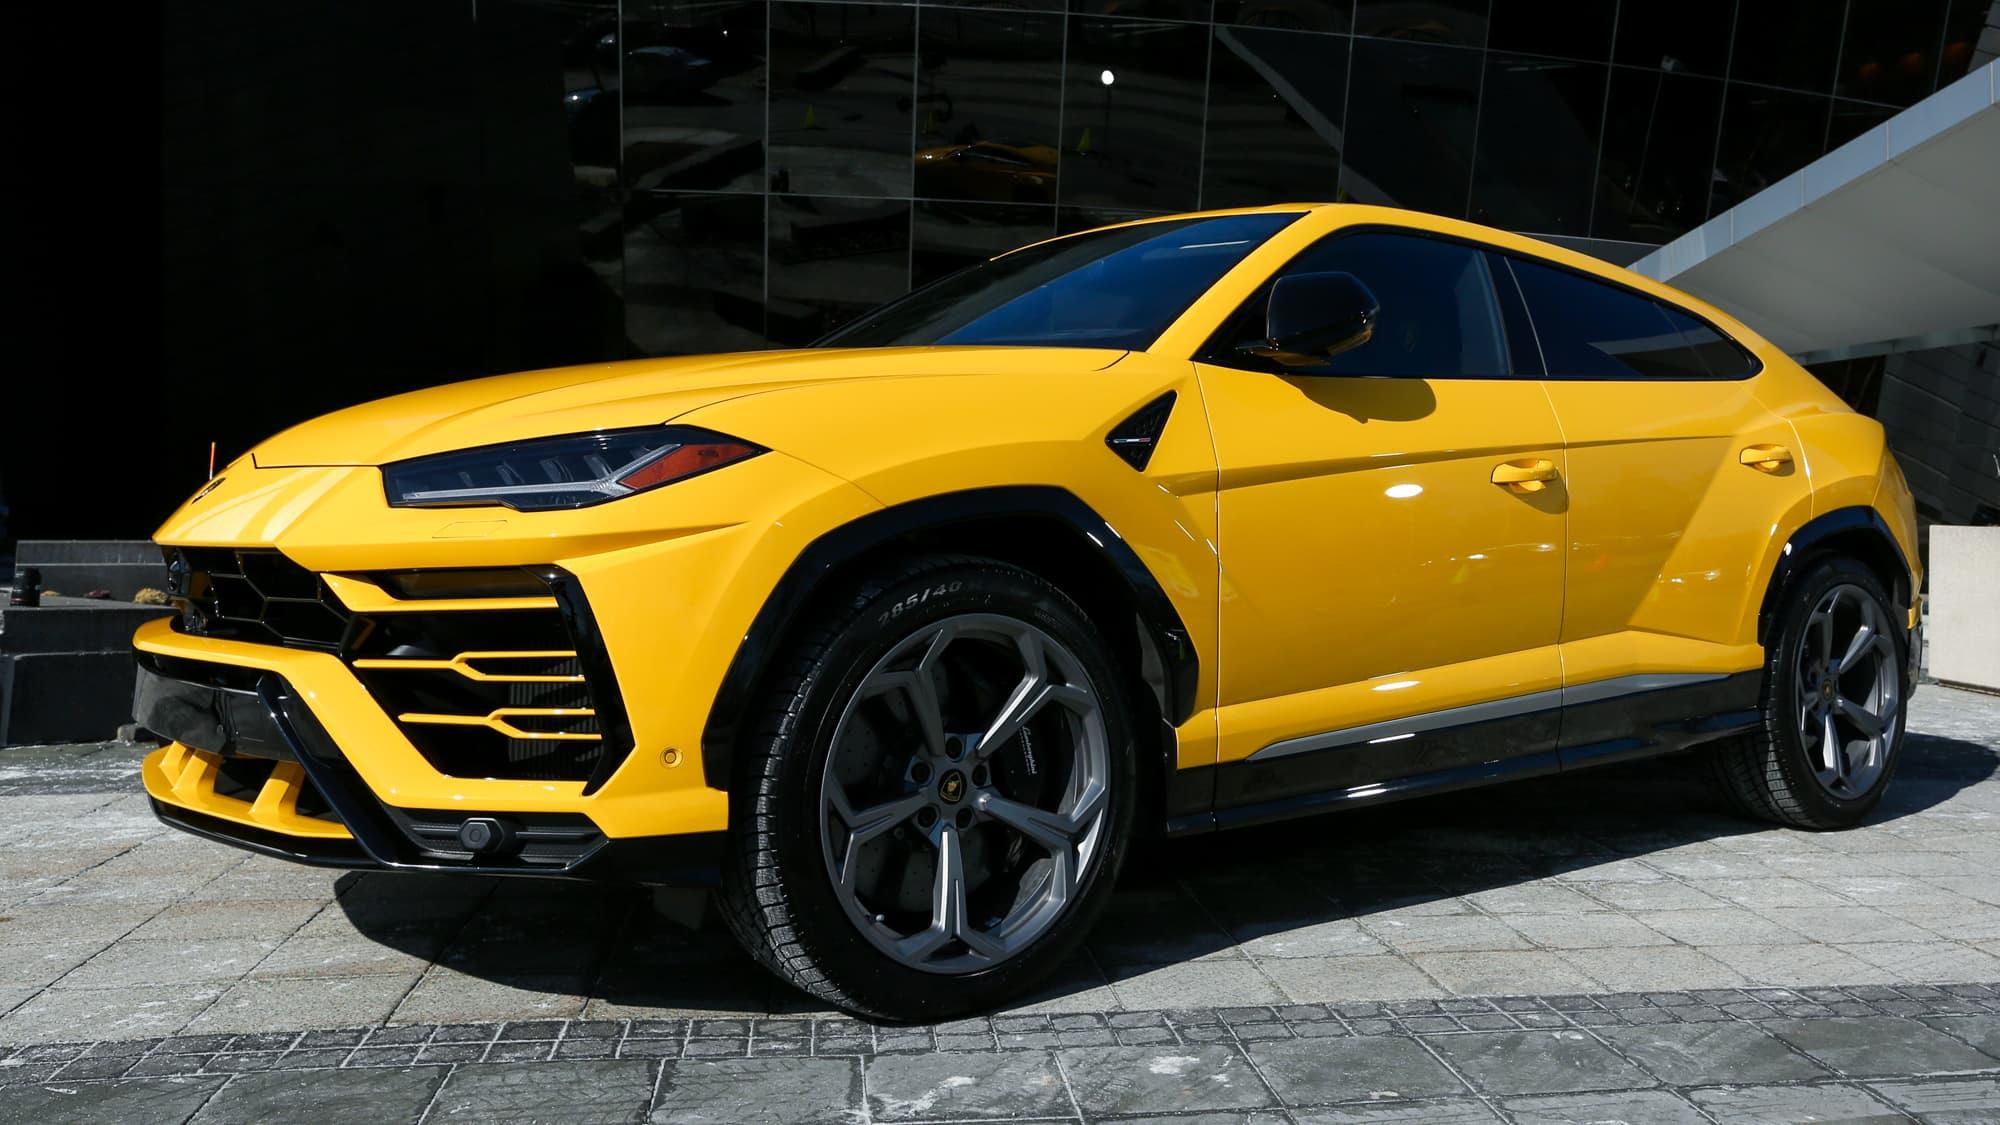 Lamborghini\u0027s new $200,000 SUV boosts automaker\u0027s sales by